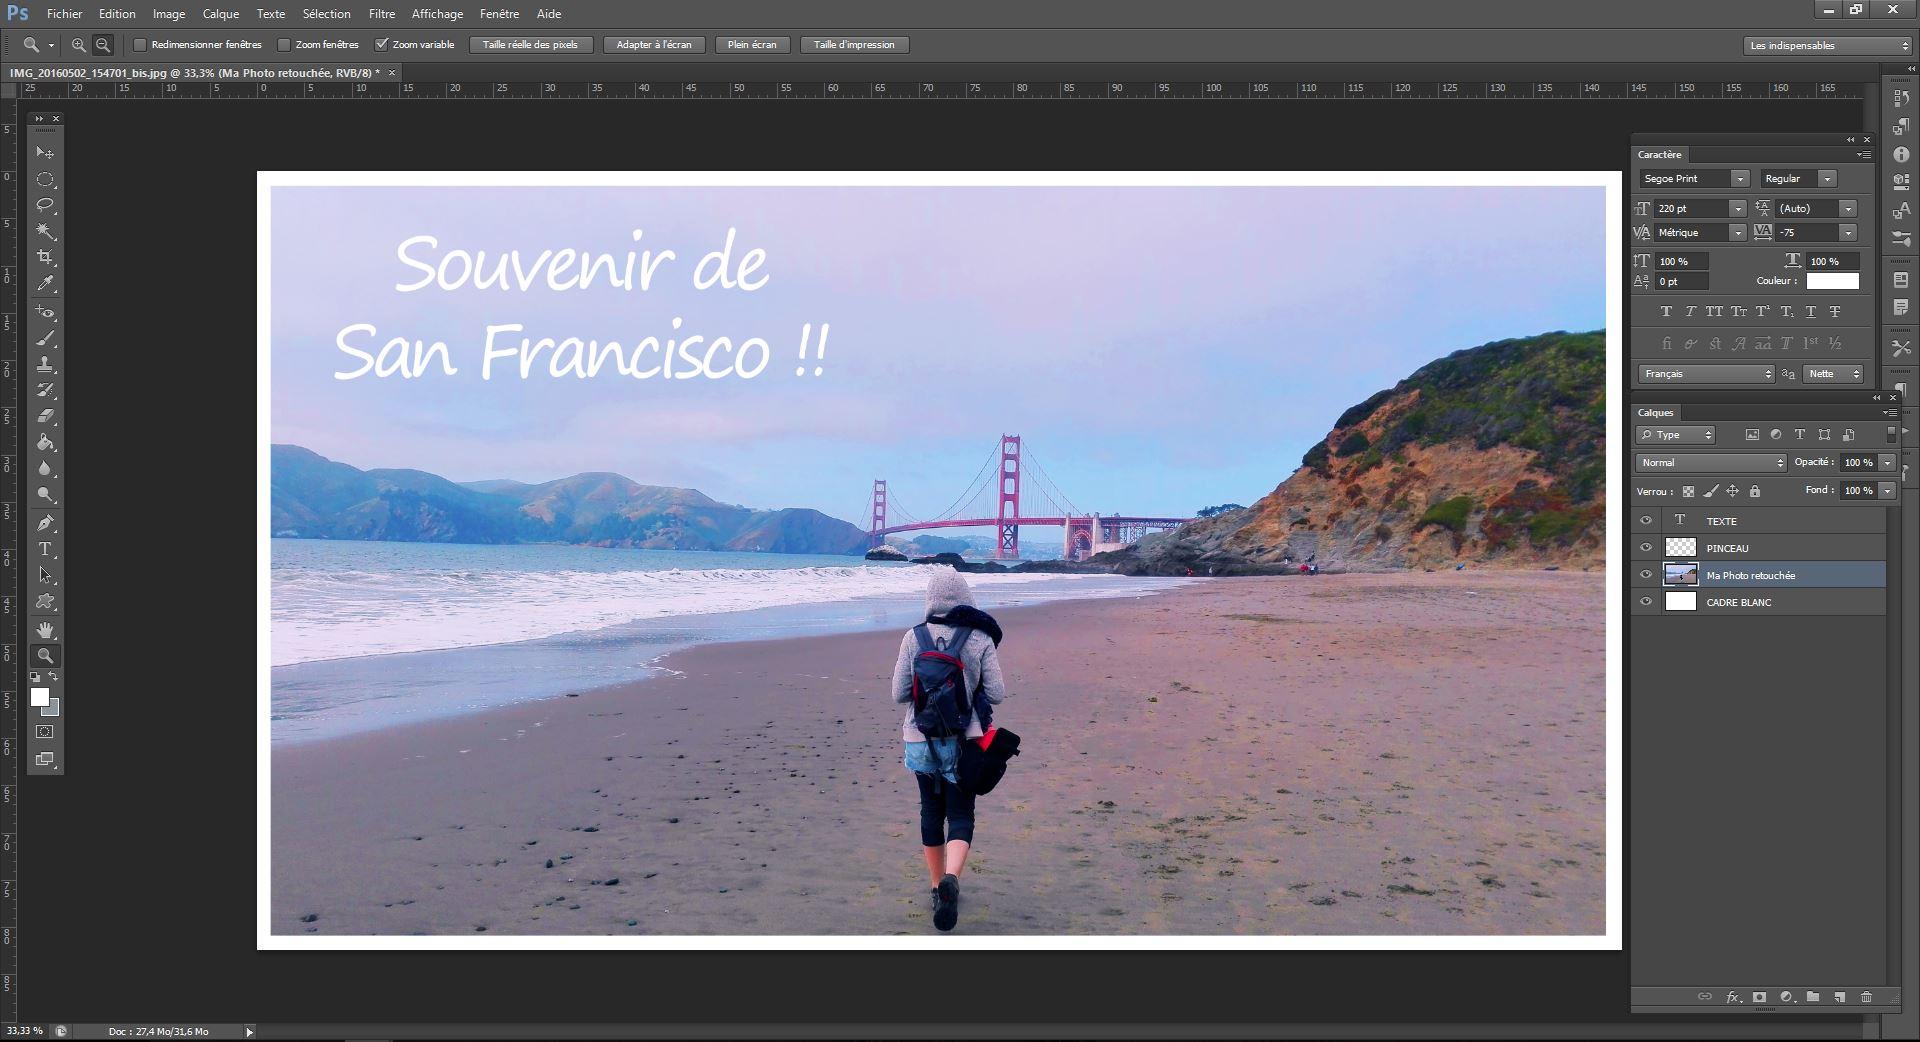 Tuto Photoshop: Ajouter cadre et texte